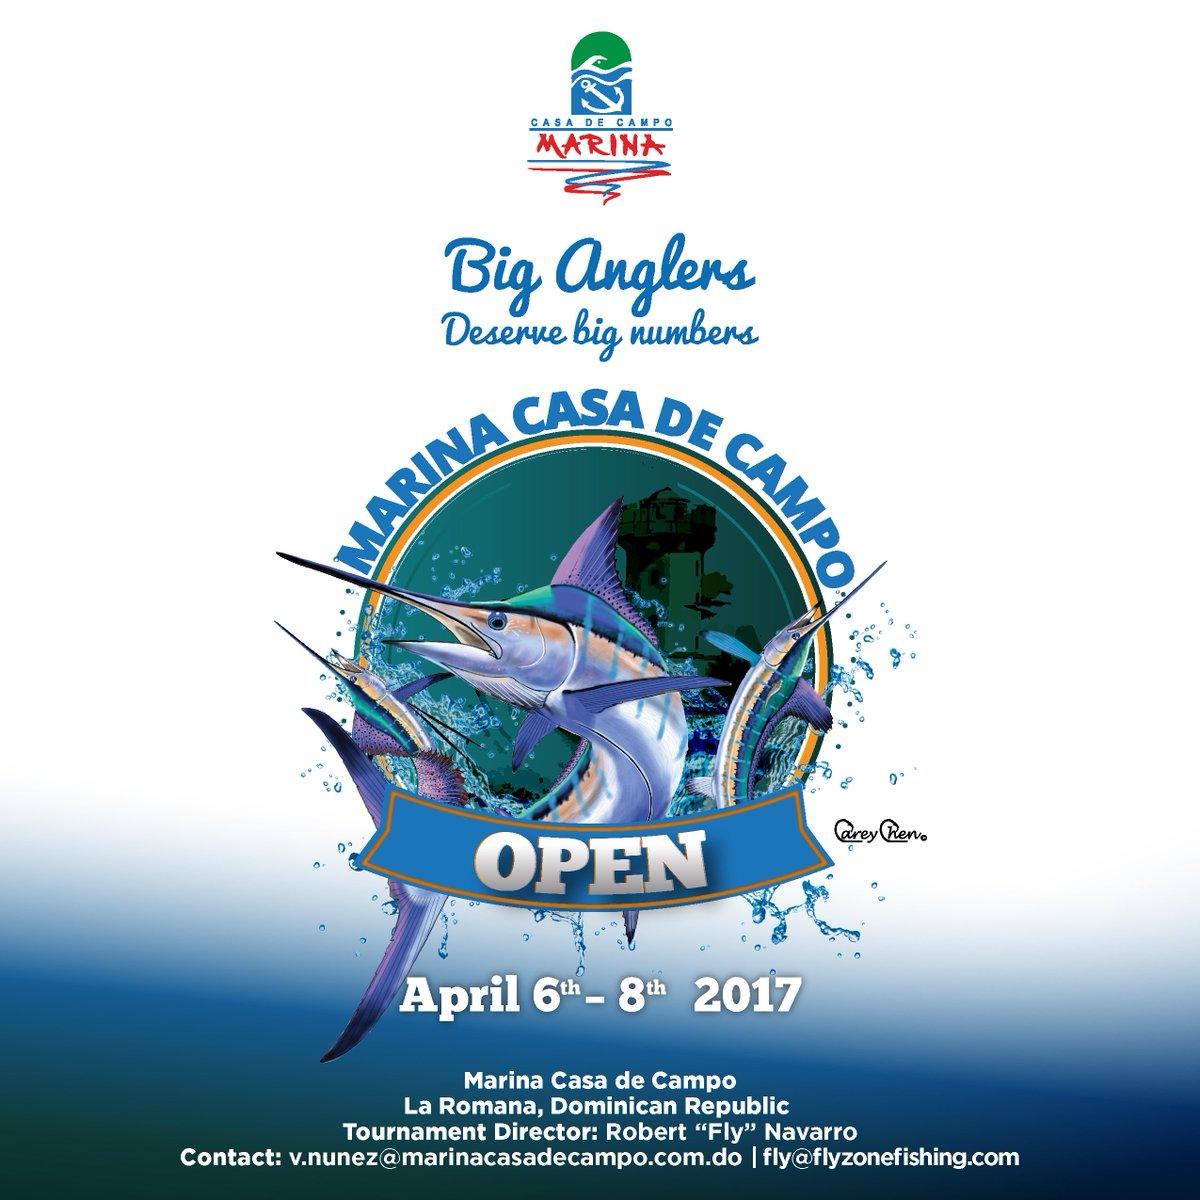 Marina Casa de Campo Open April 6-8, 2017. Big Anglers Deserve Big Numbers. https://t.co/KNunMZkKVi